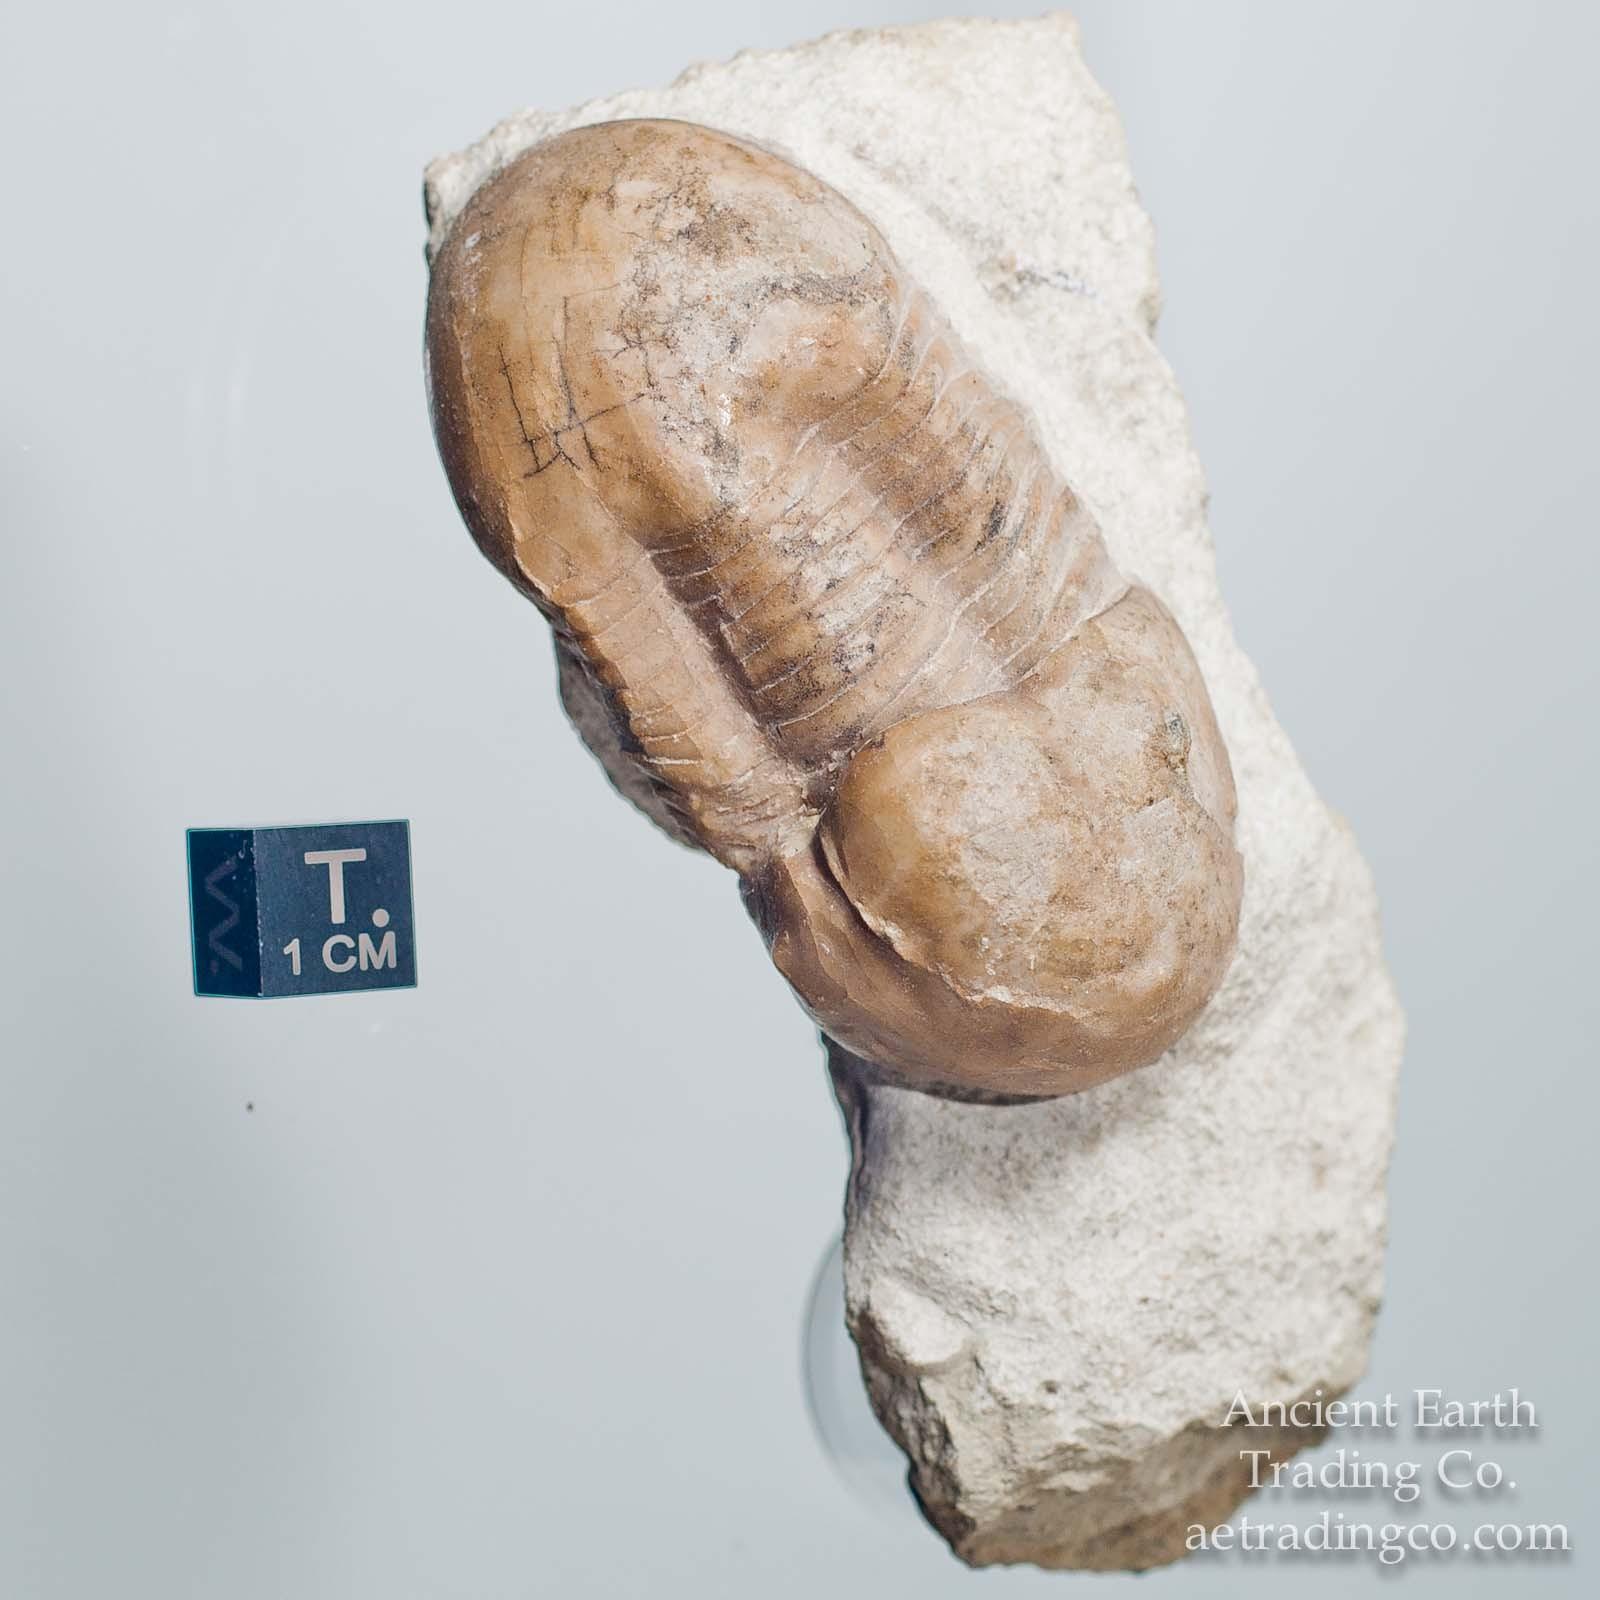 Illaenus dalmani (Volborth, 1863) Trilobite Fossil